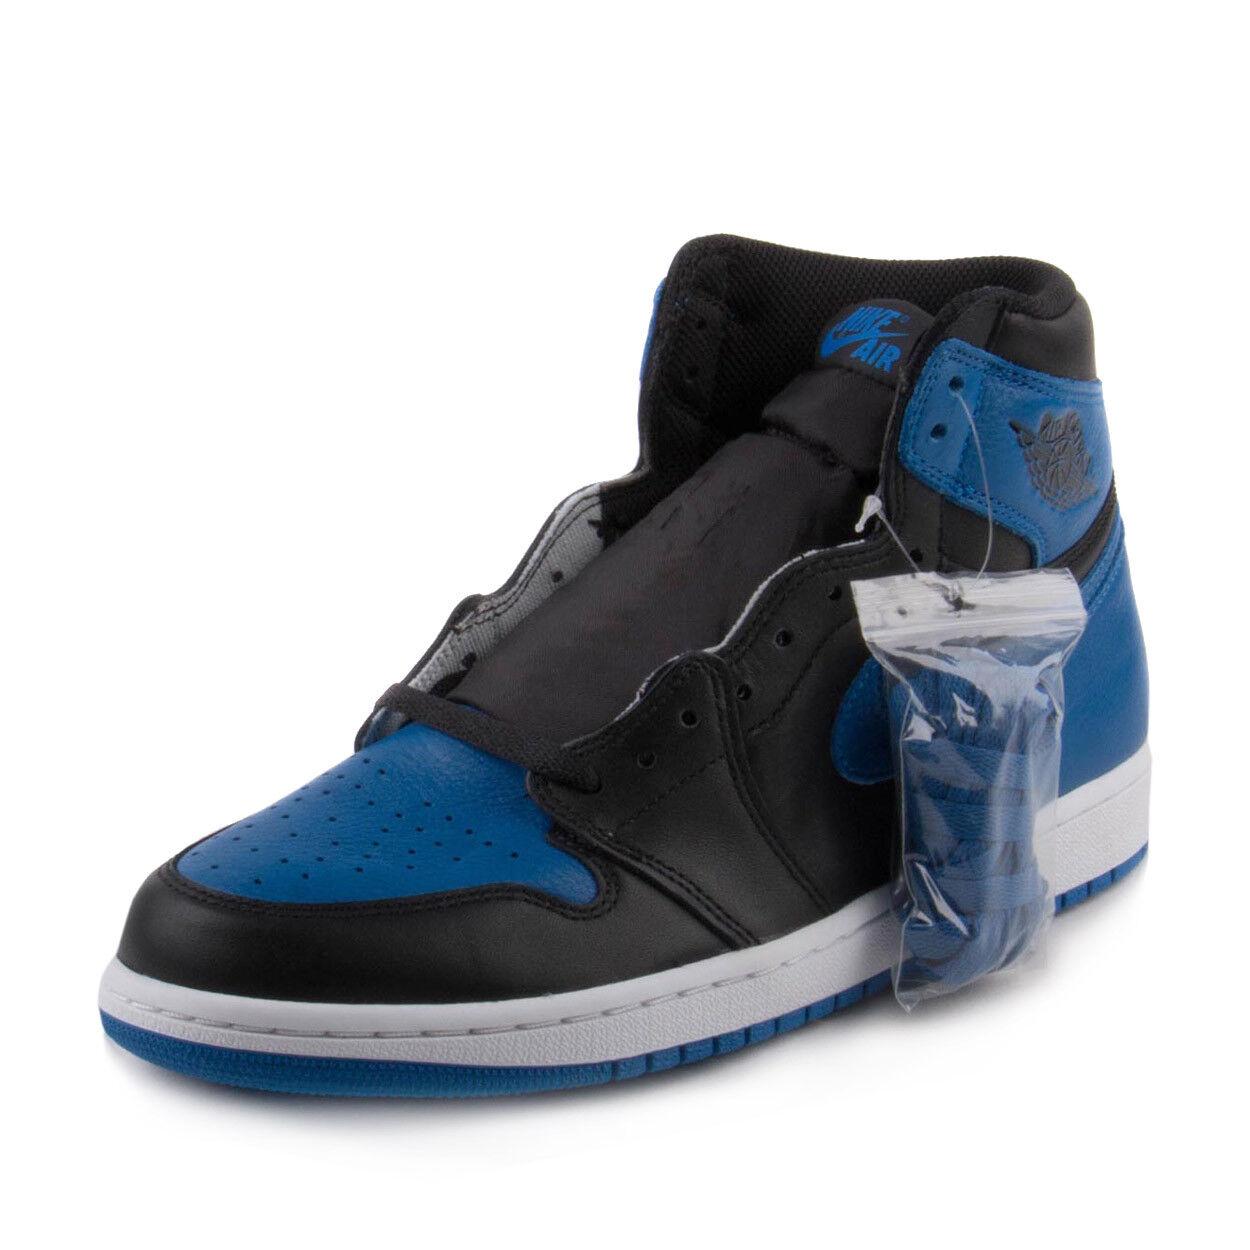 Nike Mens Air Jordan 1 Retro High OG  Royal  Black Royal-White 555088-007